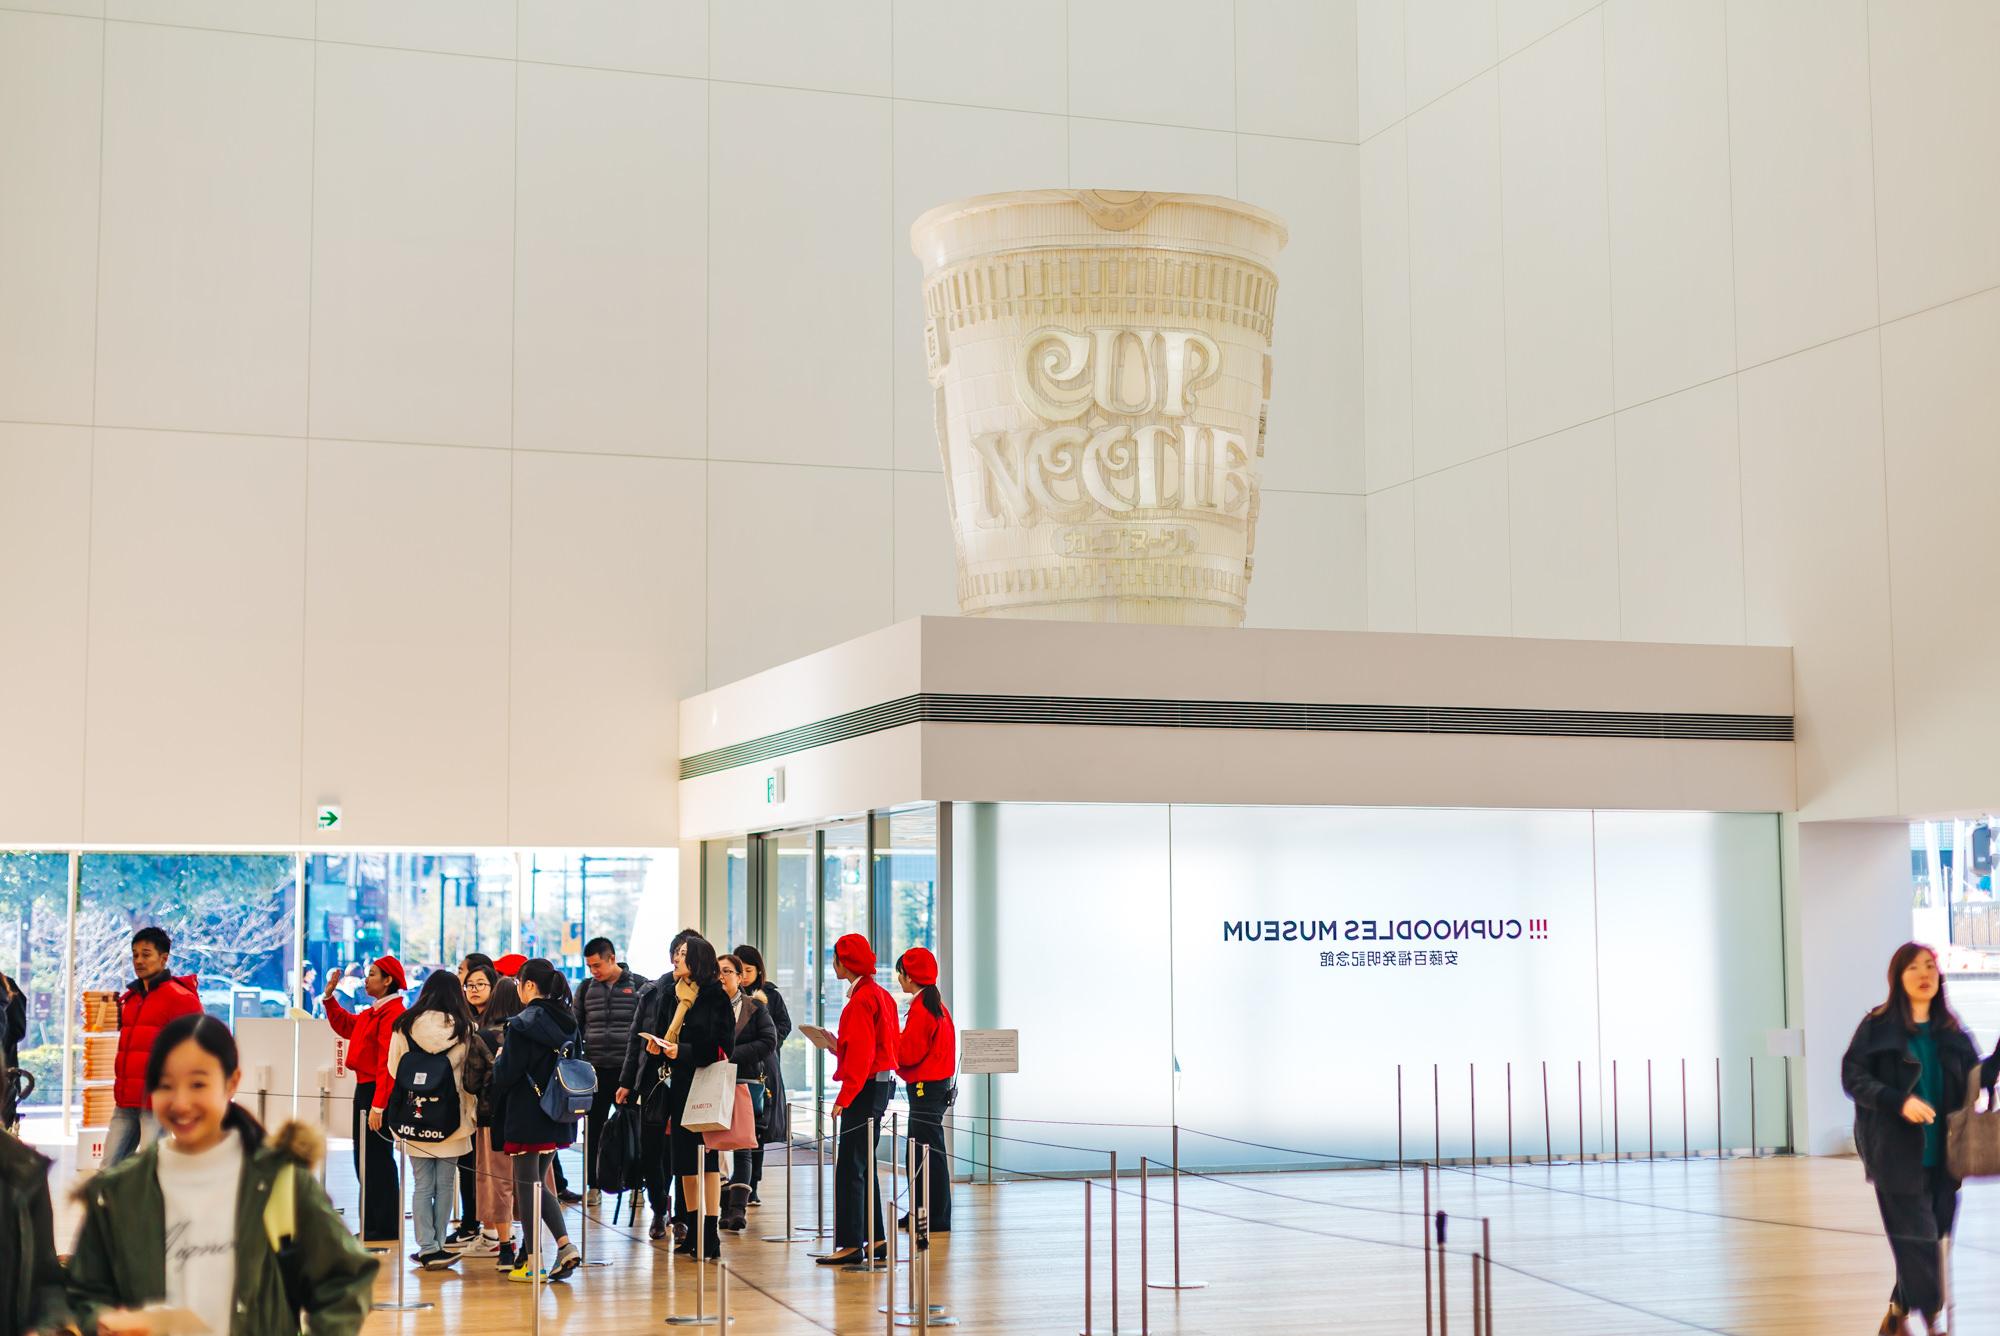 Cup Noodles Museum entrance